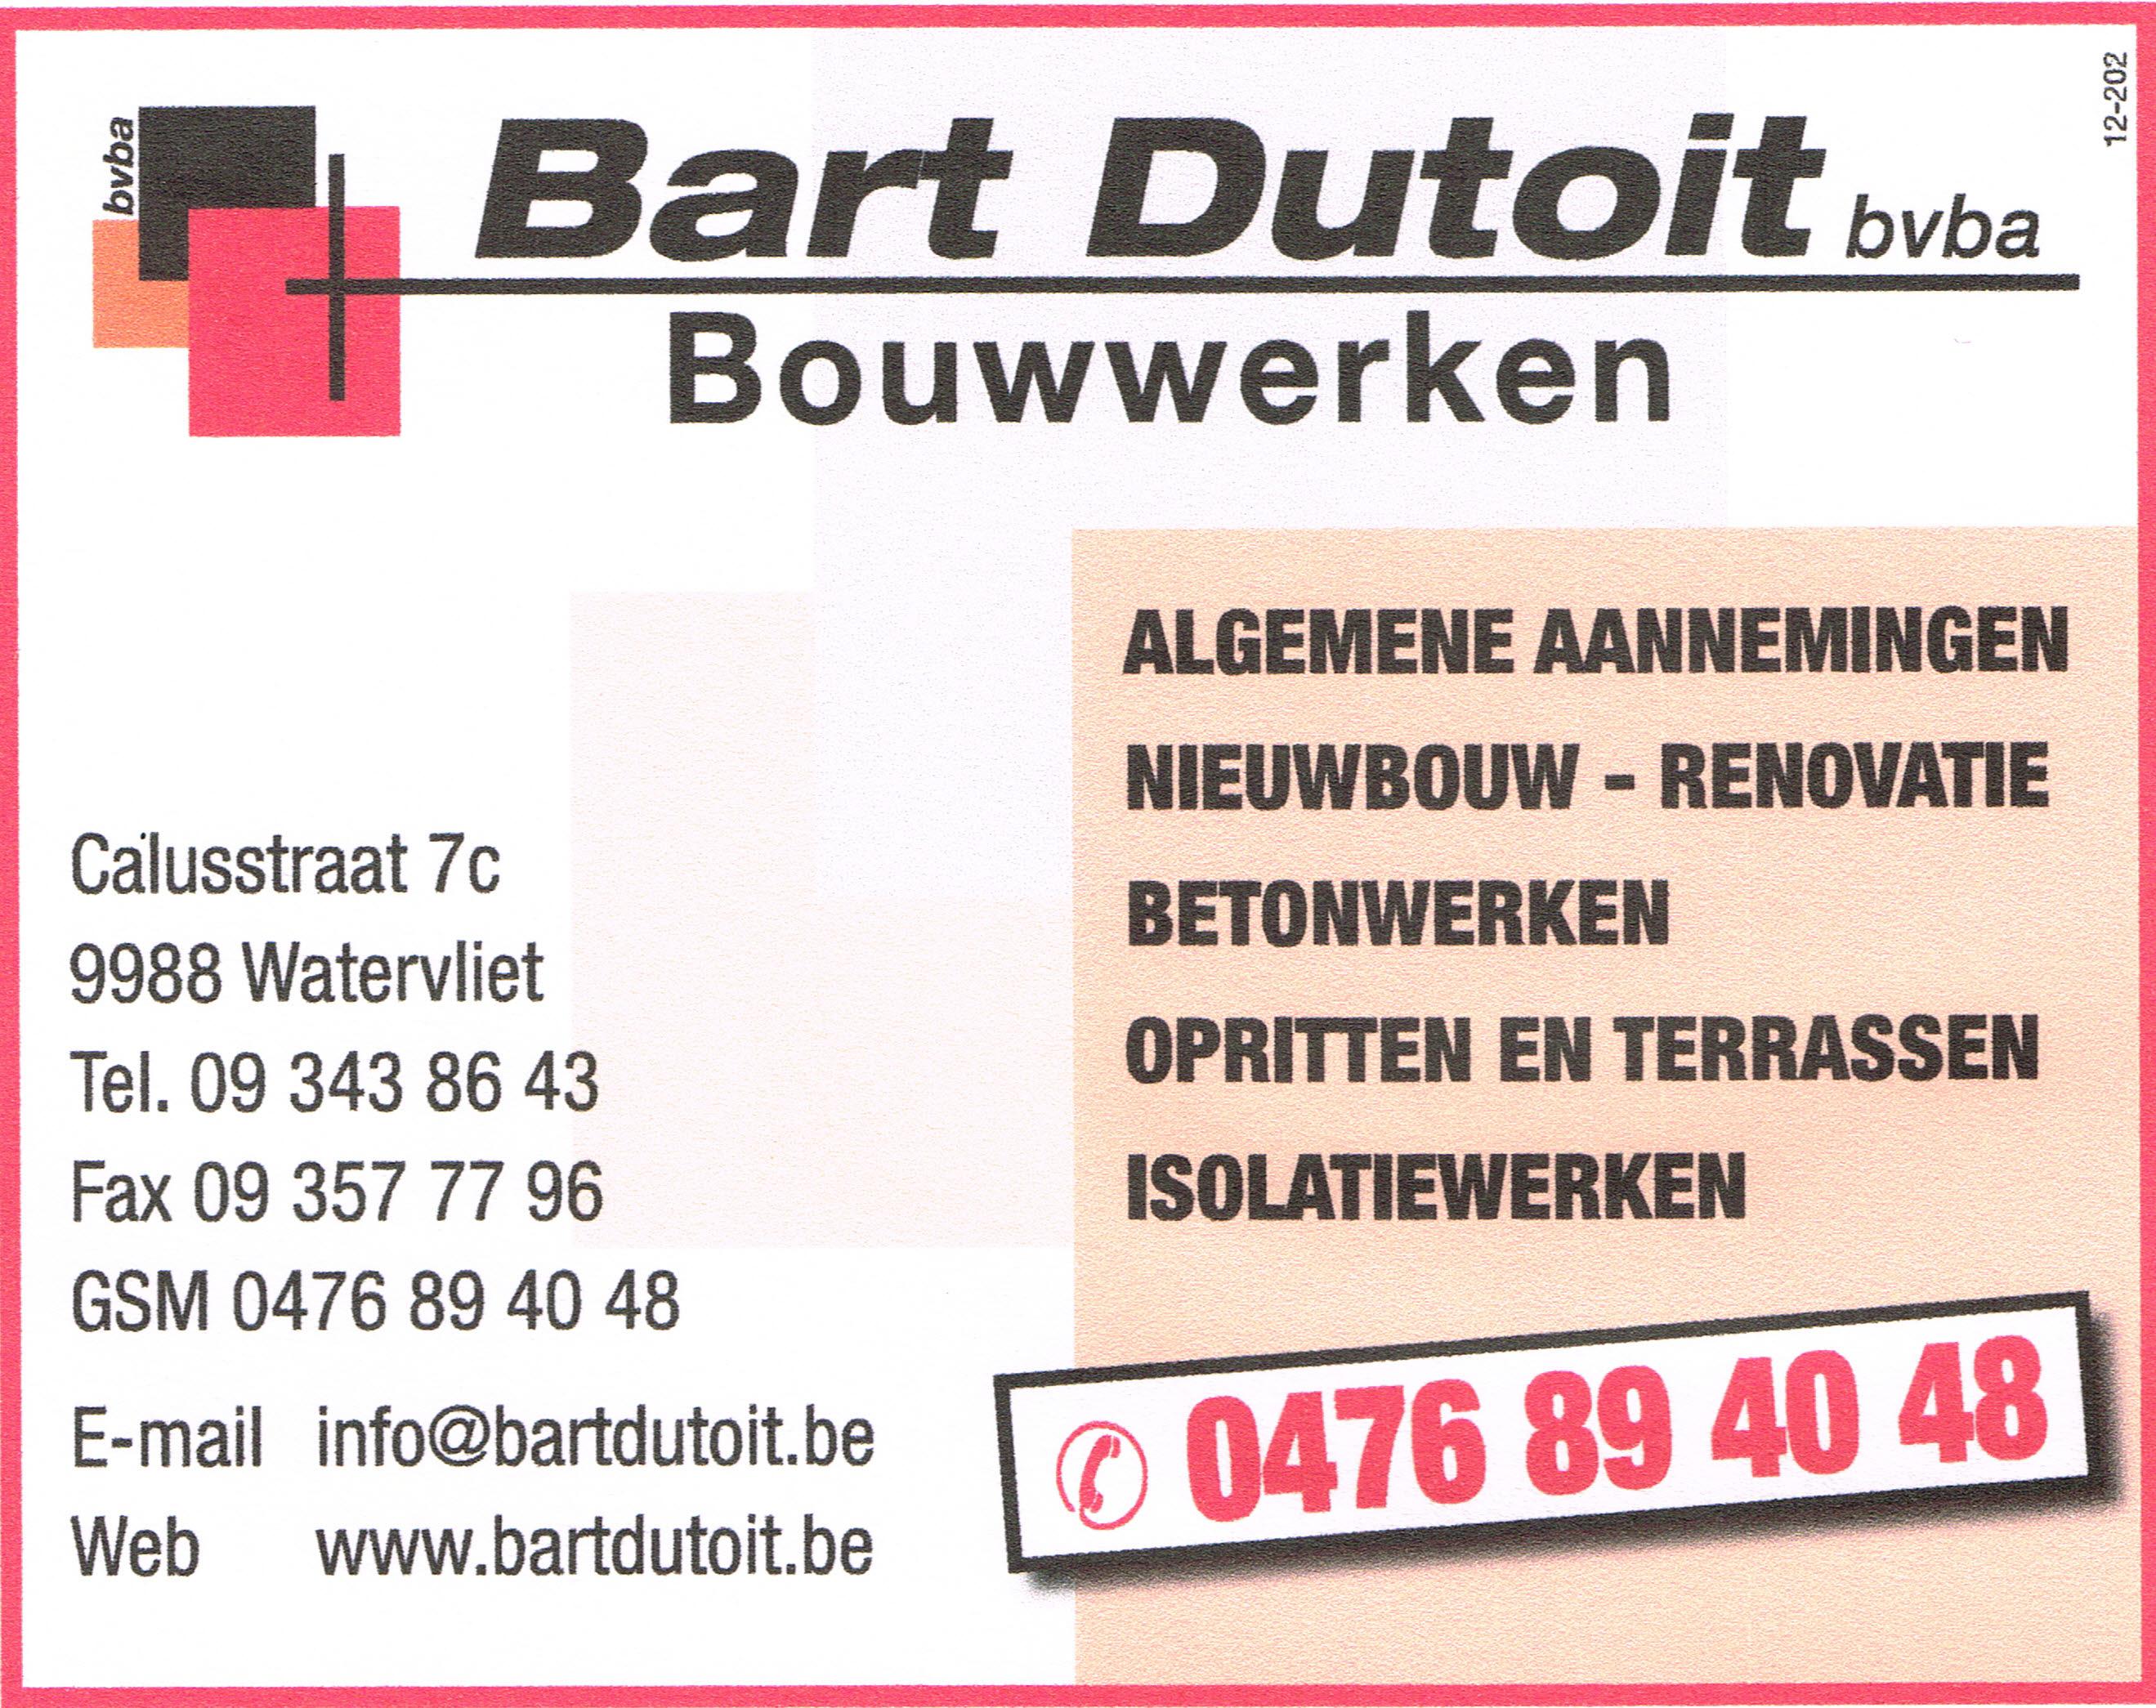 a Bouwwerken Bart Dutoit bvba